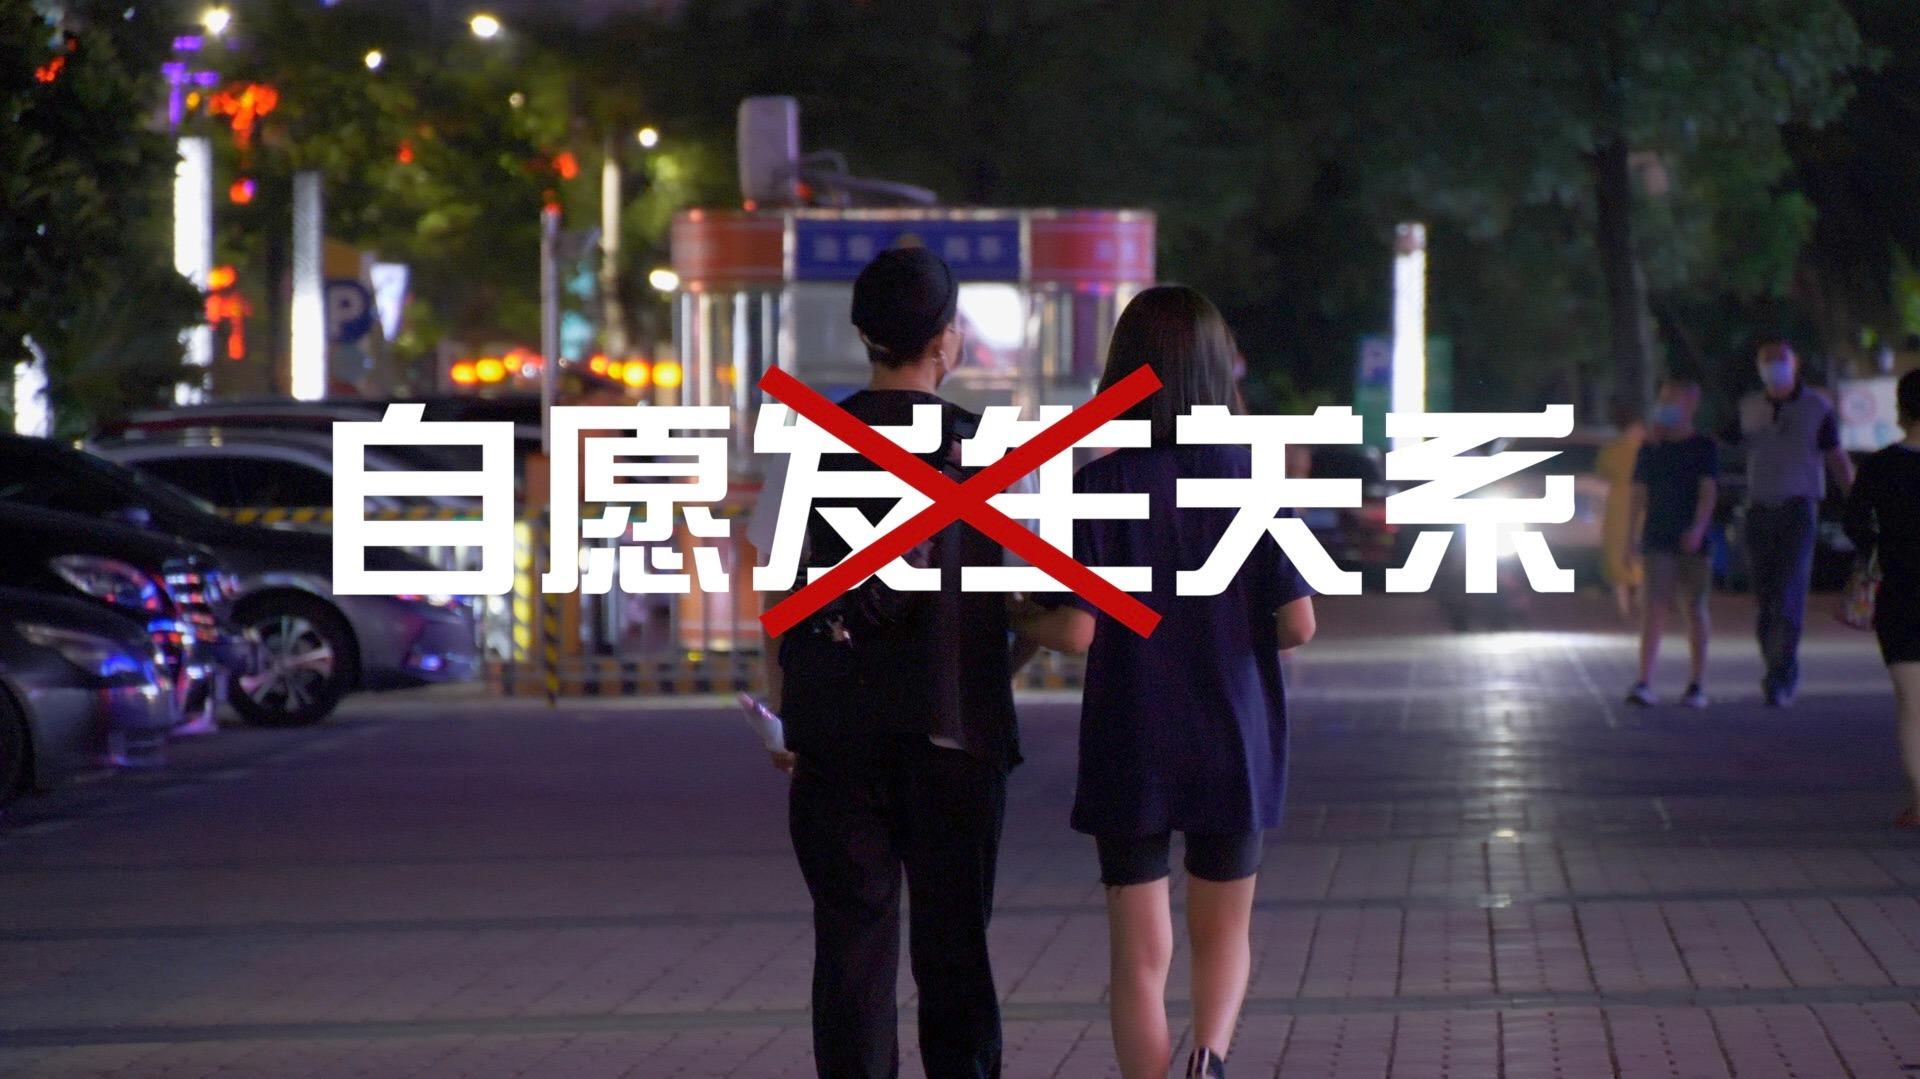 同性伴侣遭性侵 律师:是不是同性恋者与被性侵无关